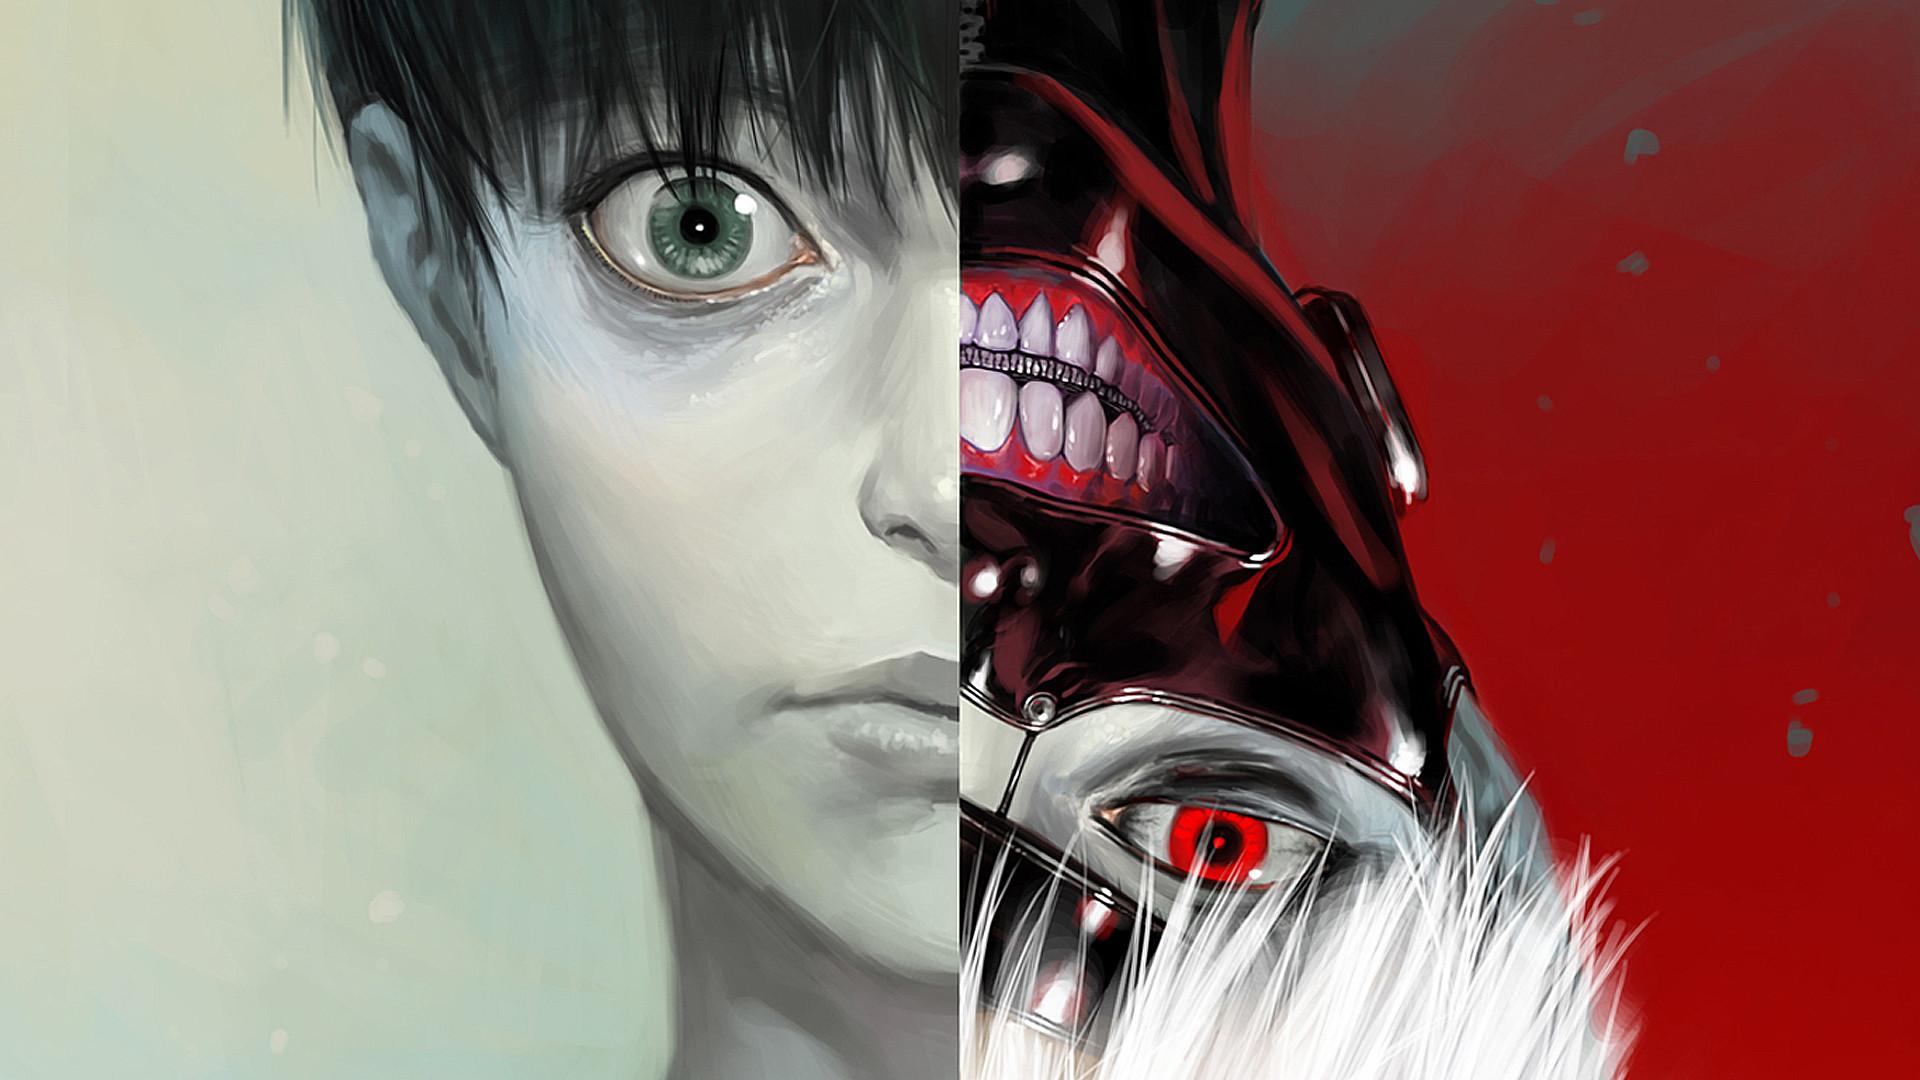 Ken Kaneki Tokyo Ghoul Anime Mask HD 1080p Wallpaper And